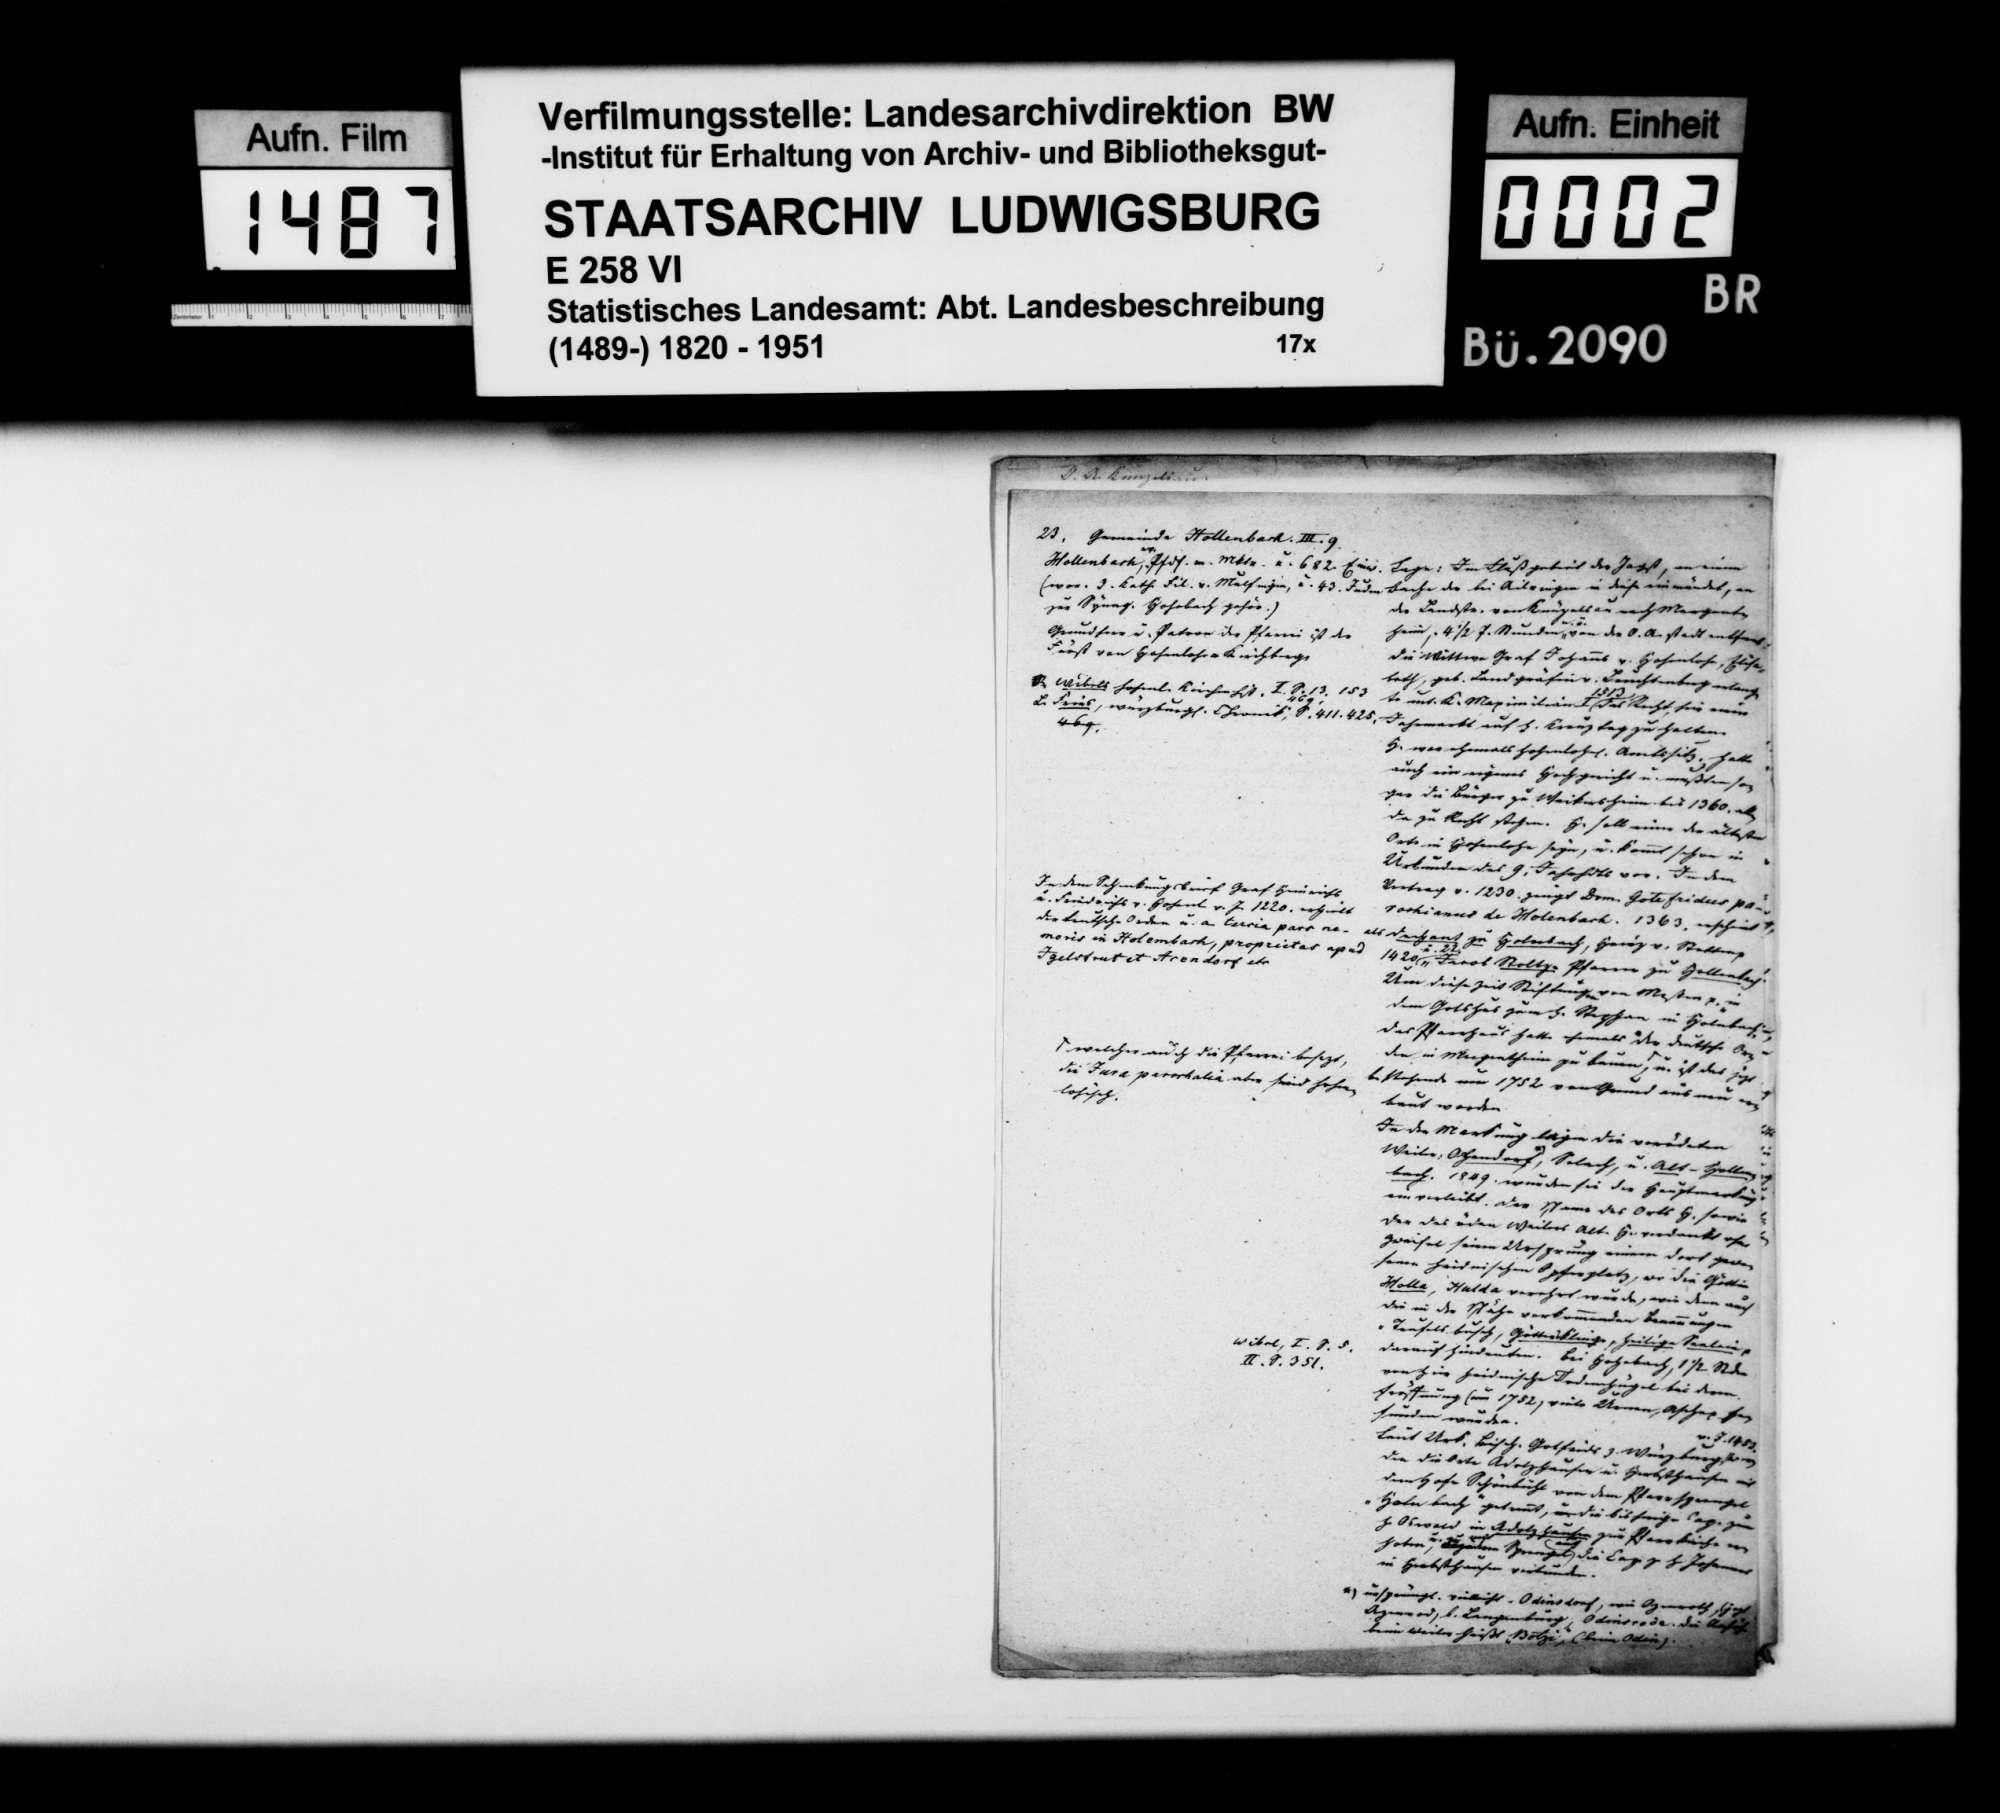 Notizen [des Trigonometers Diezel in der Kanzlei des STBs] zur Beschreibung der Gemeinden Hollenbach, Jagstberg, Ingelfingen und Niedernhall, Bild 1